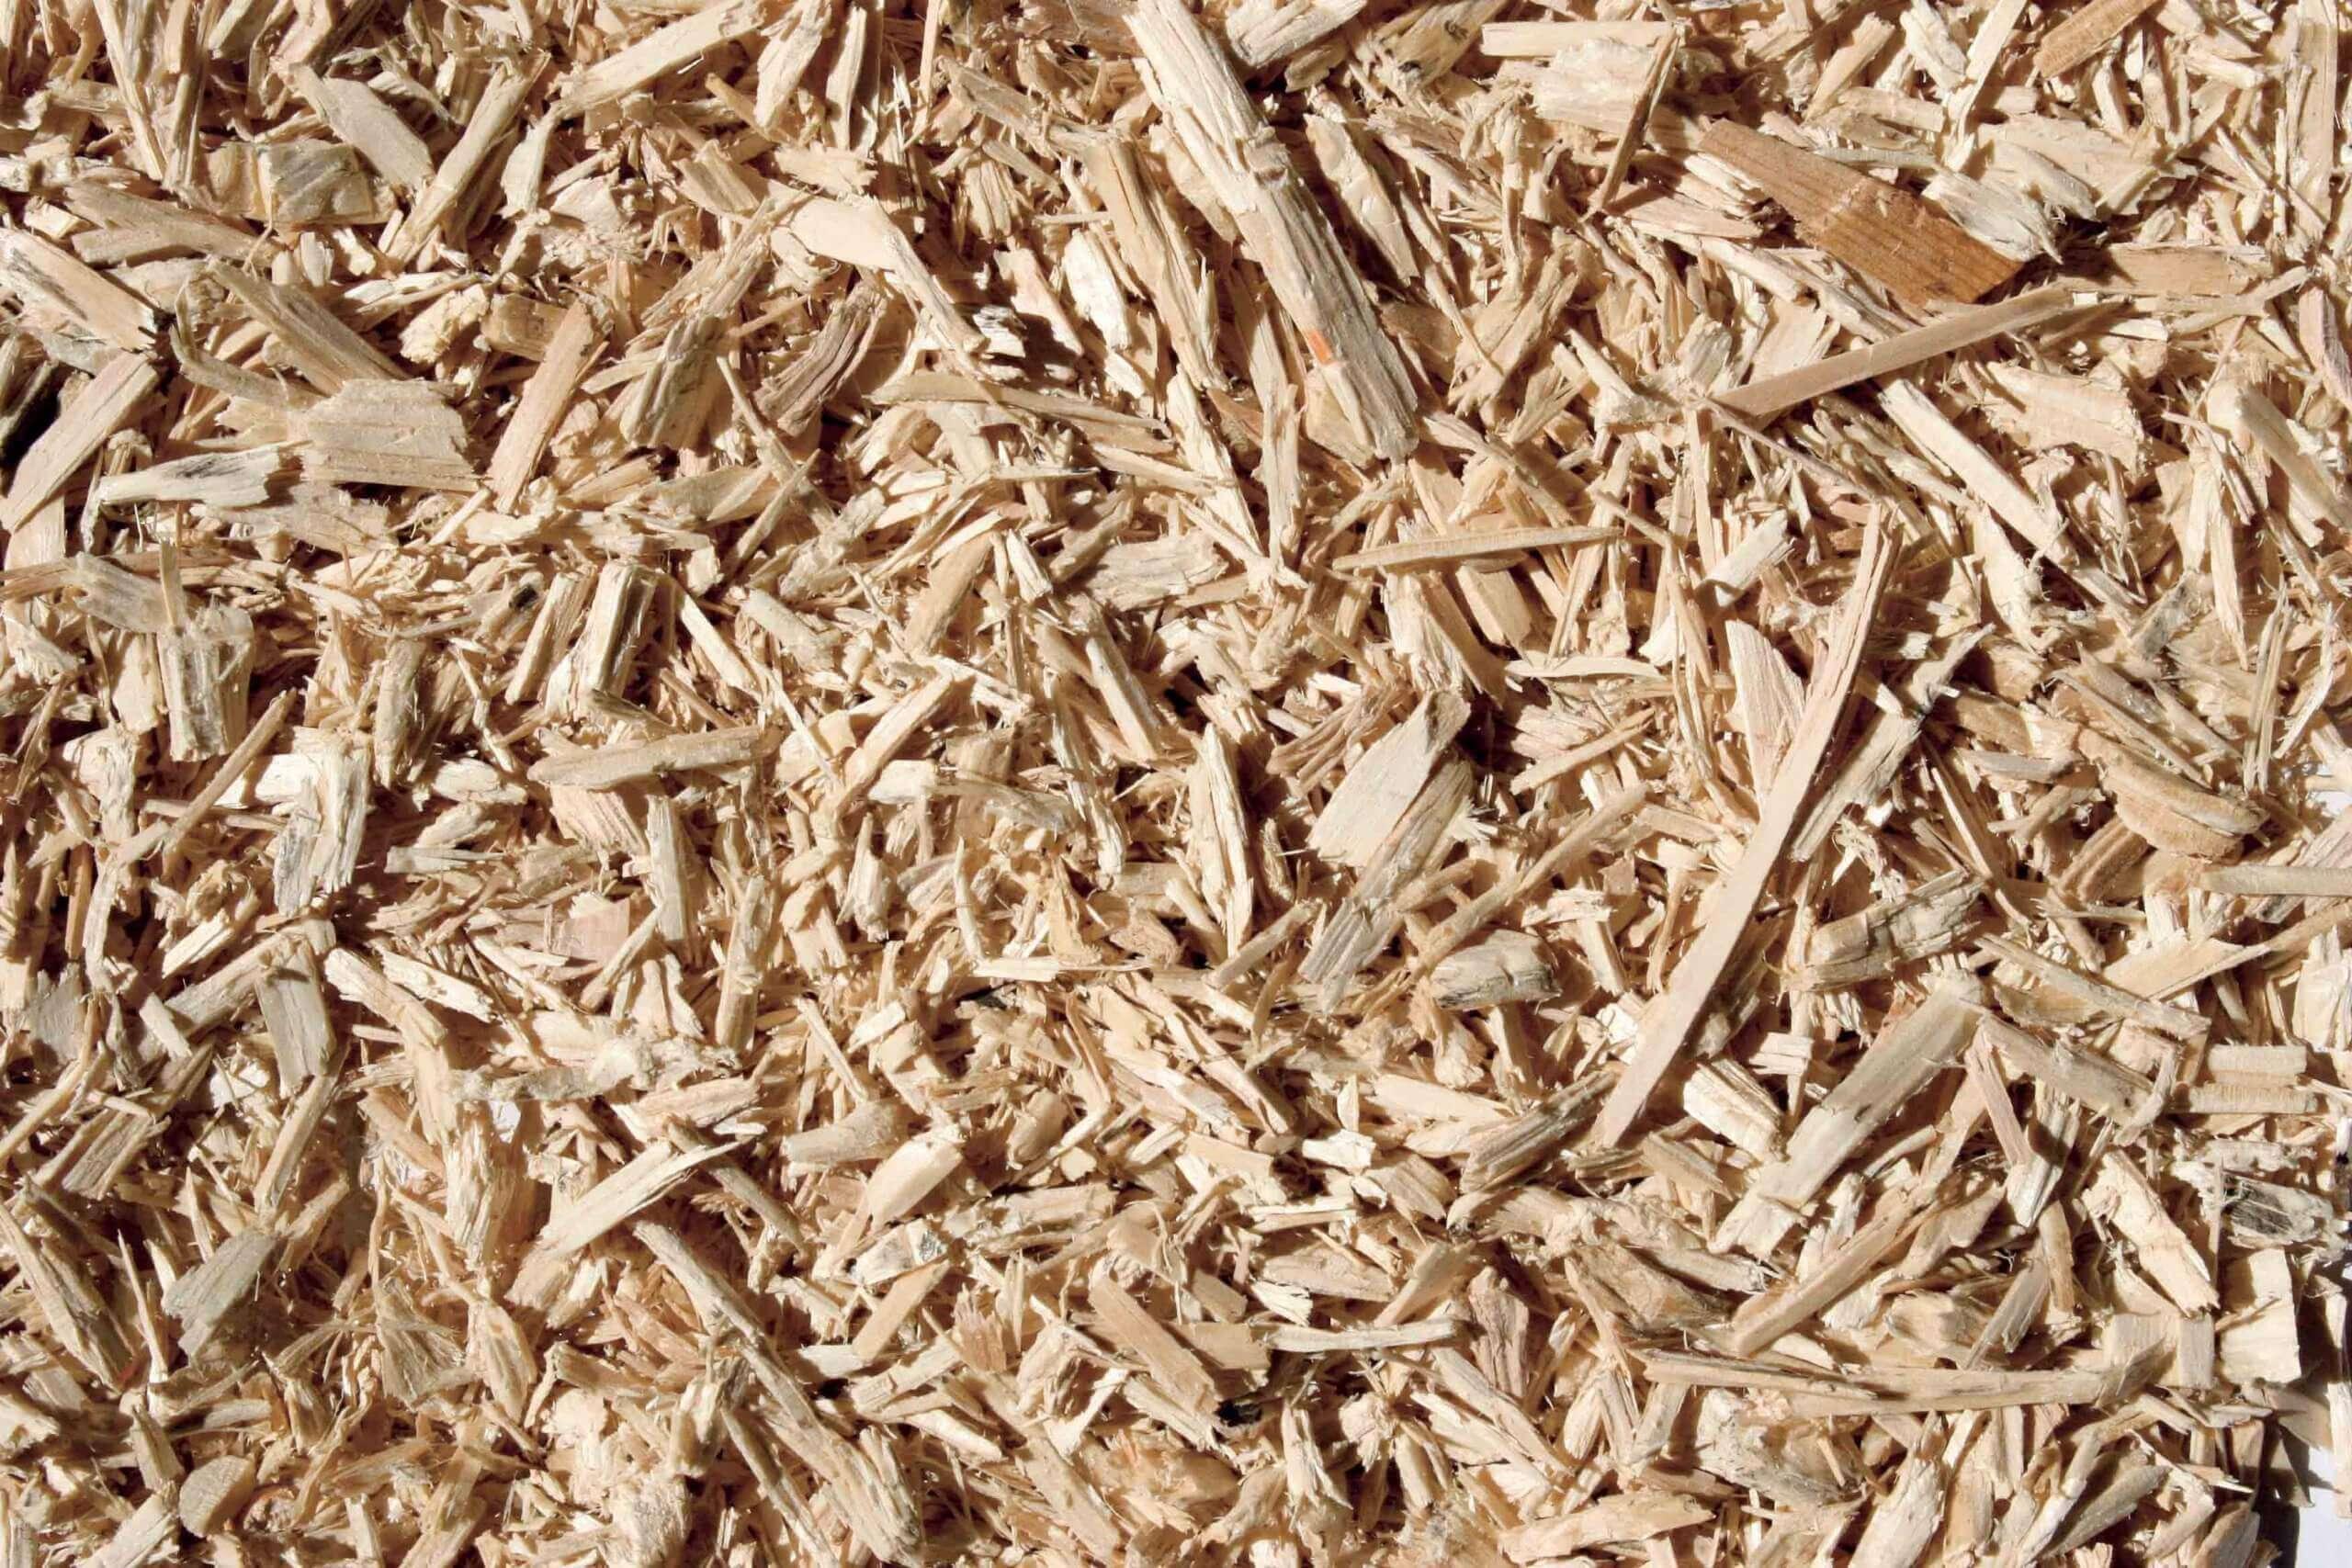 Shredded wood scrap